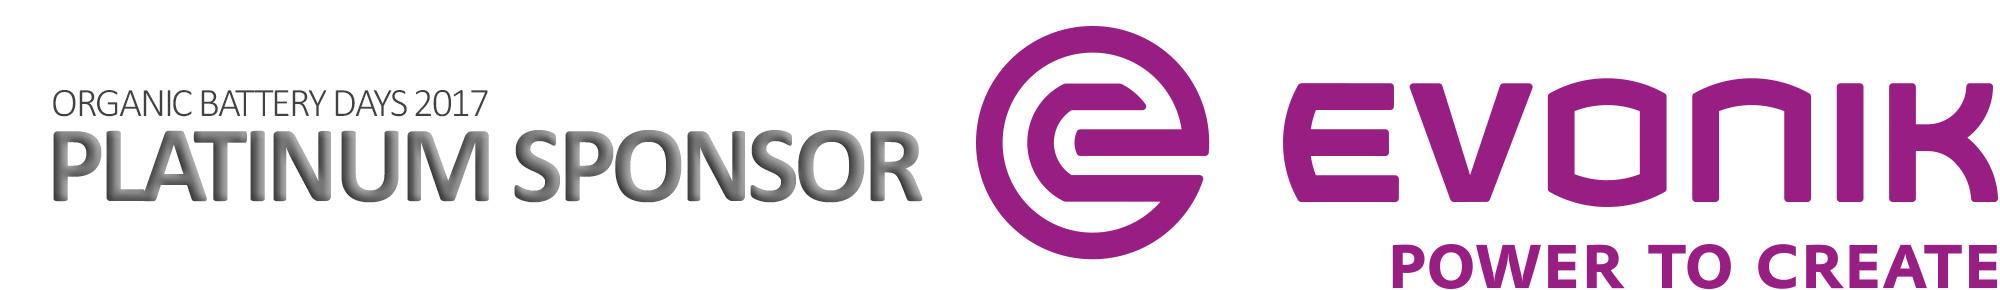 enonik_sponsor_long_1.jpg